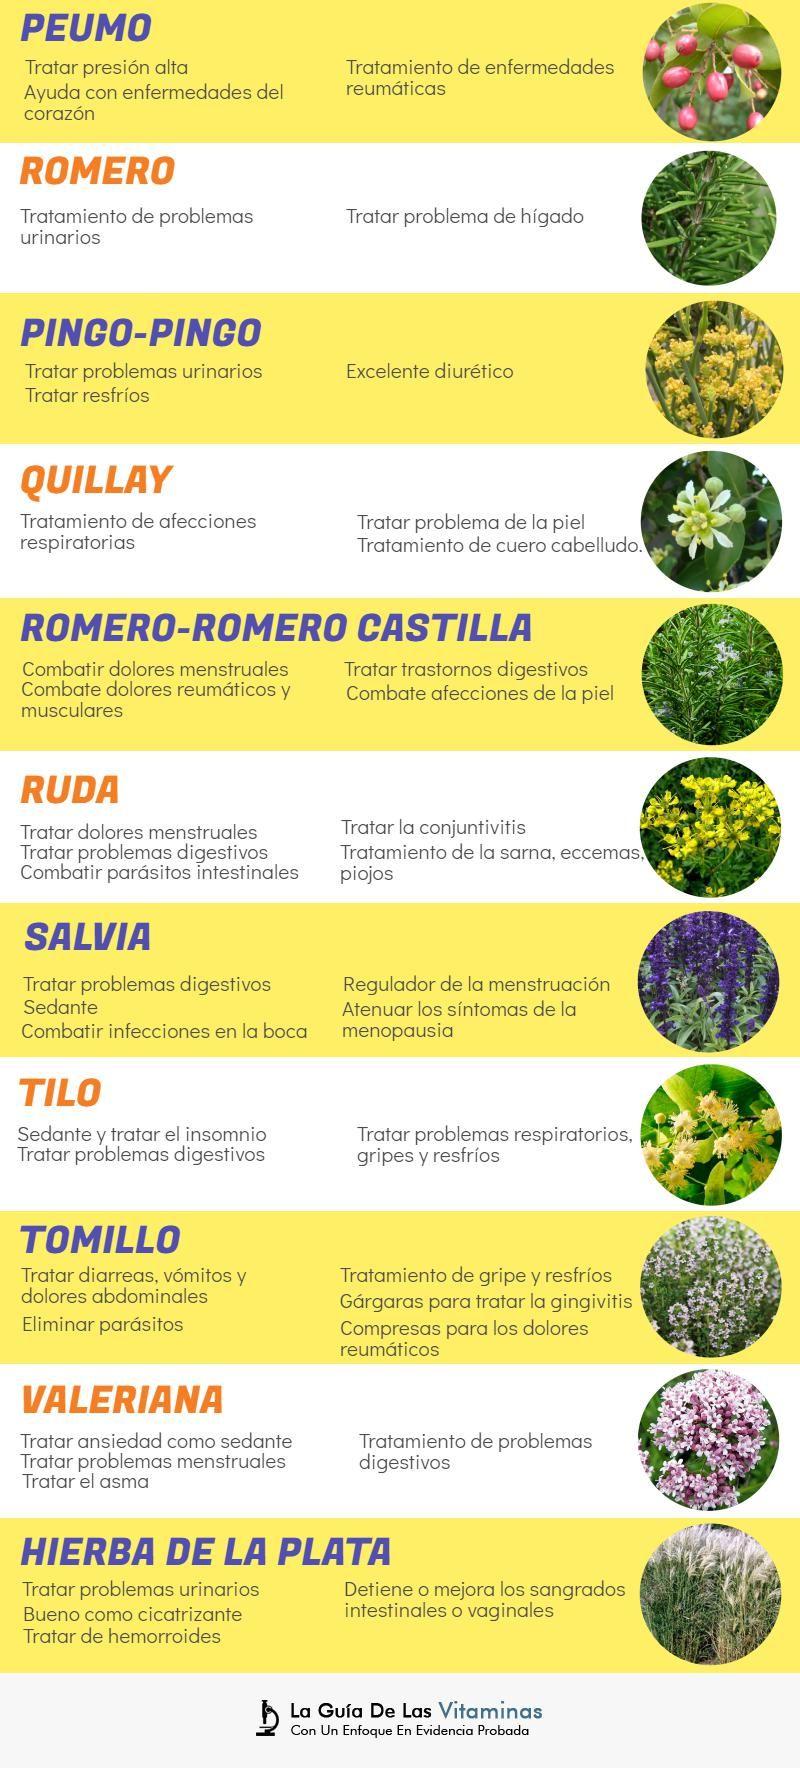 Resultado de imagen para 10 plantas medicinales que for Planta decorativa con propiedades medicinales